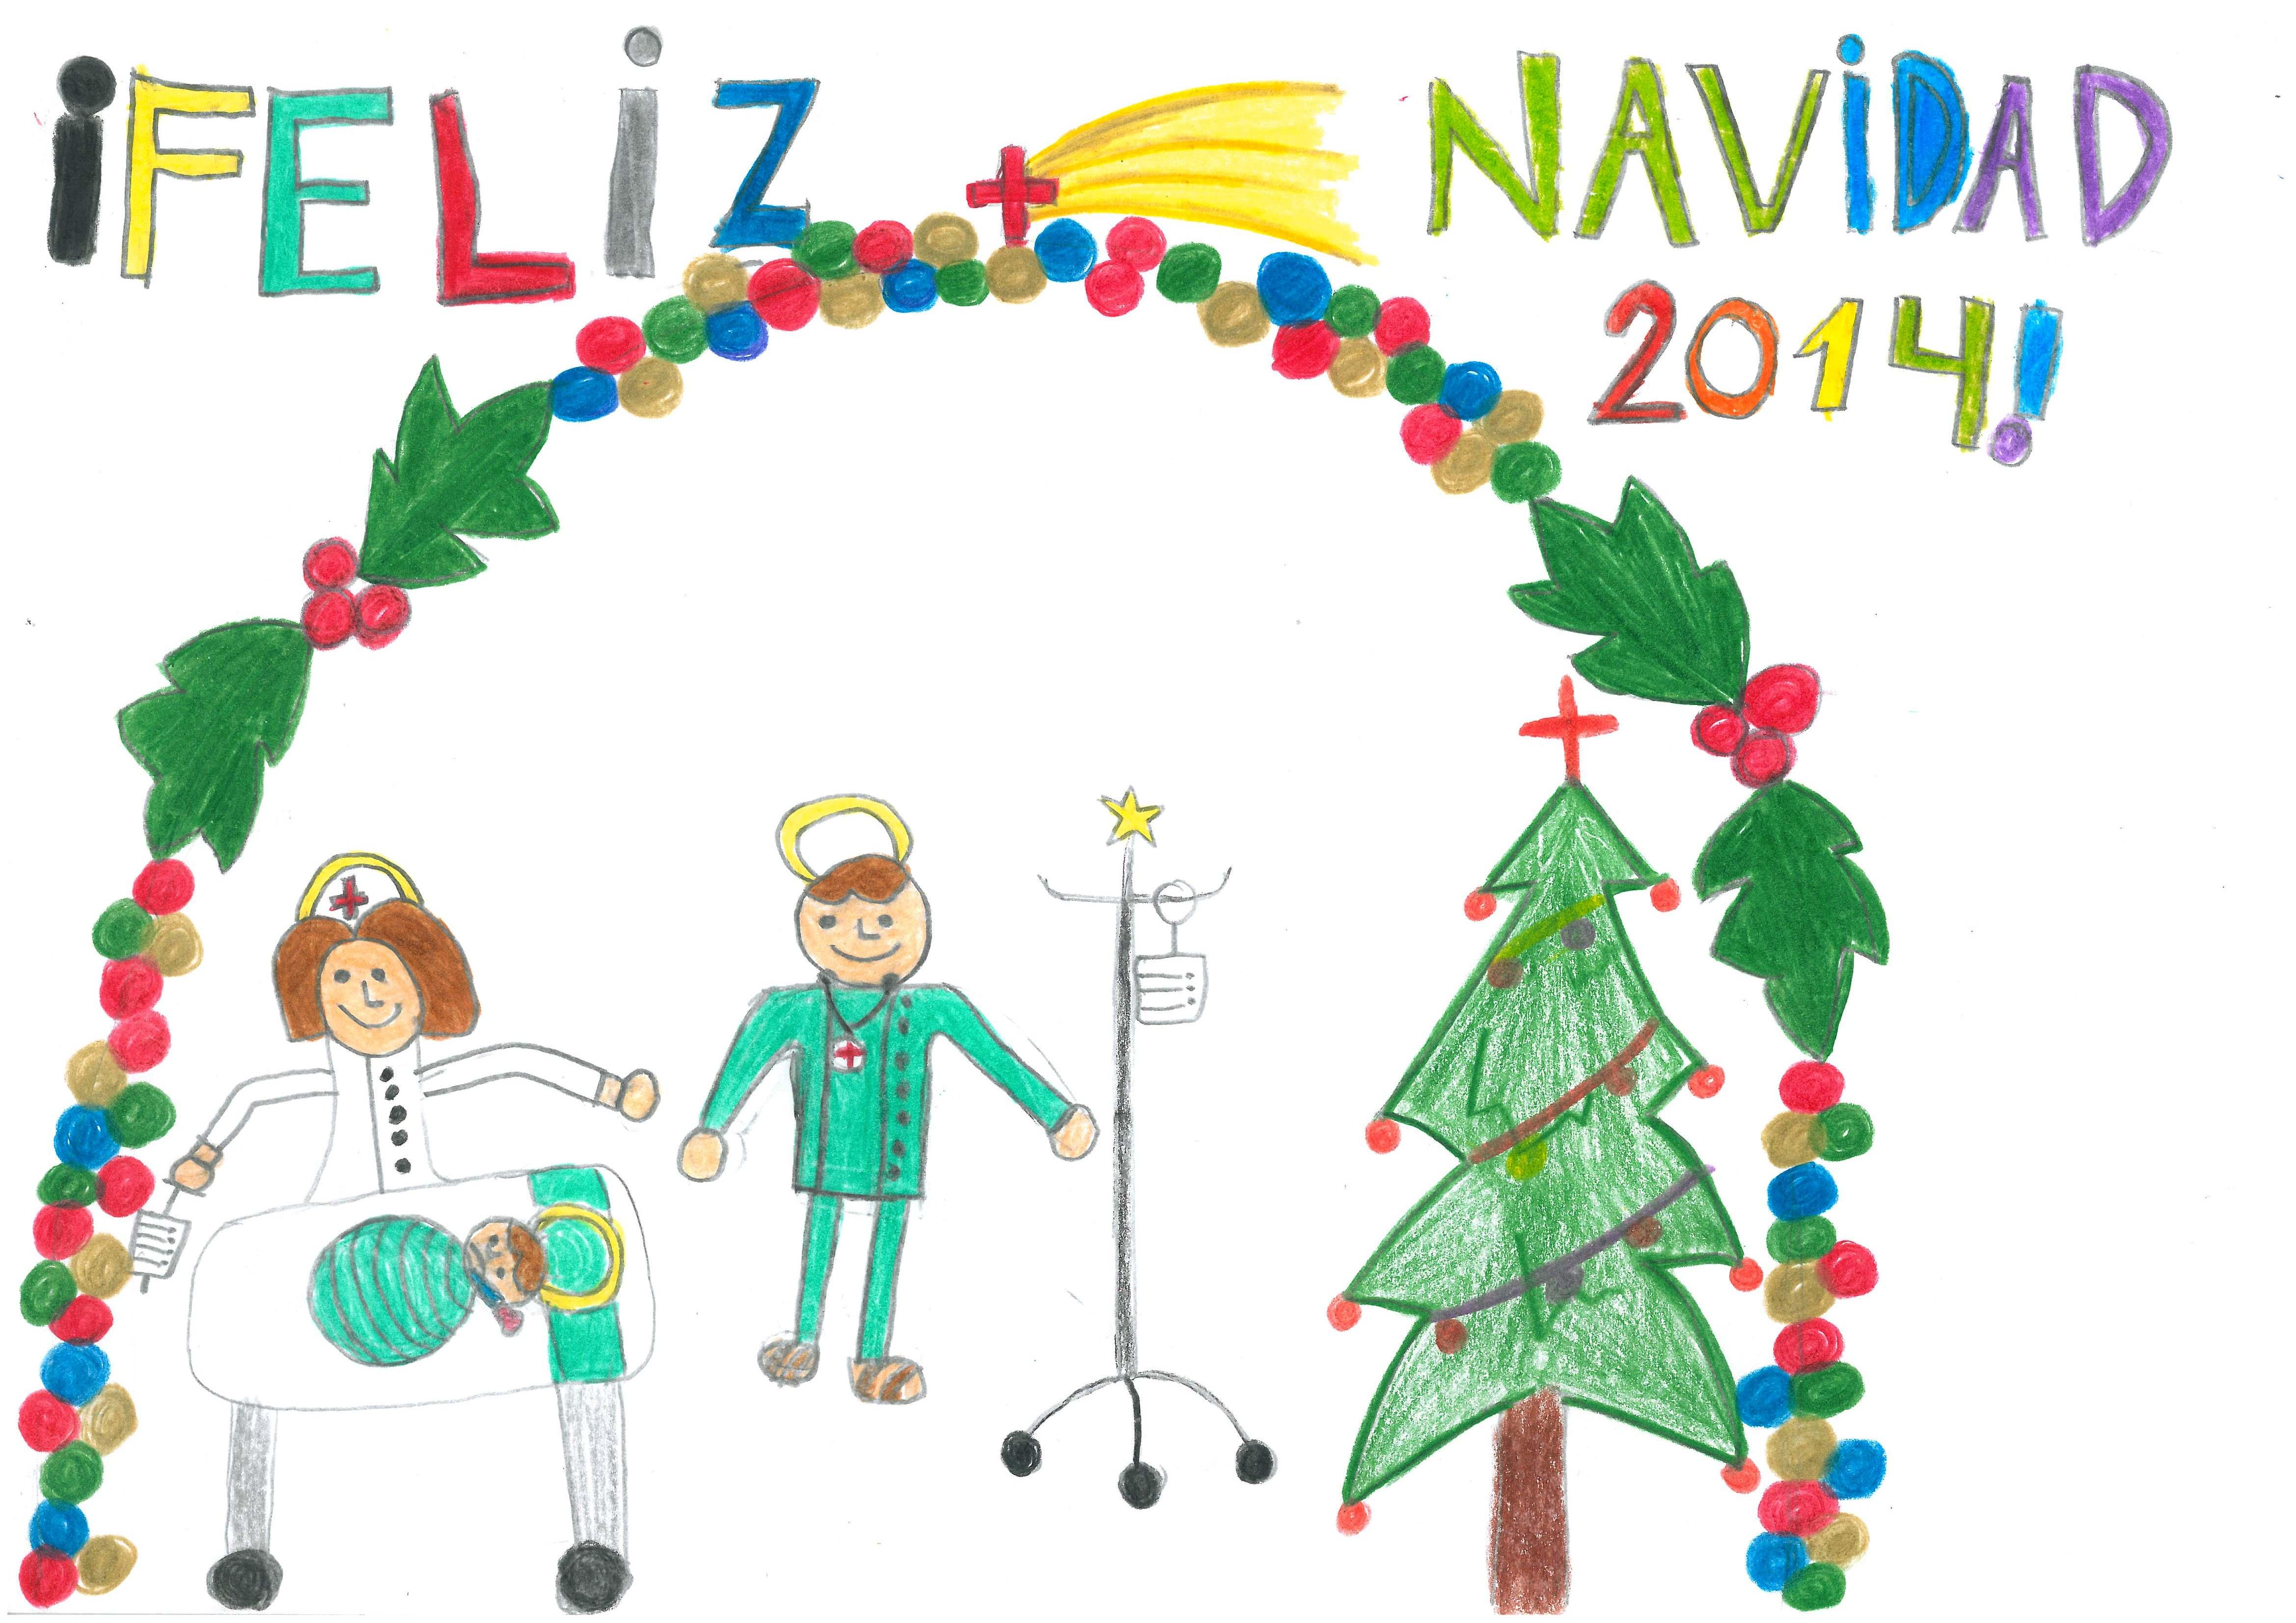 Dibujos De Navidad Hechos Por Ninos.Puesta En Marcha De La Octava Edicion Del Concurso De Dibujo